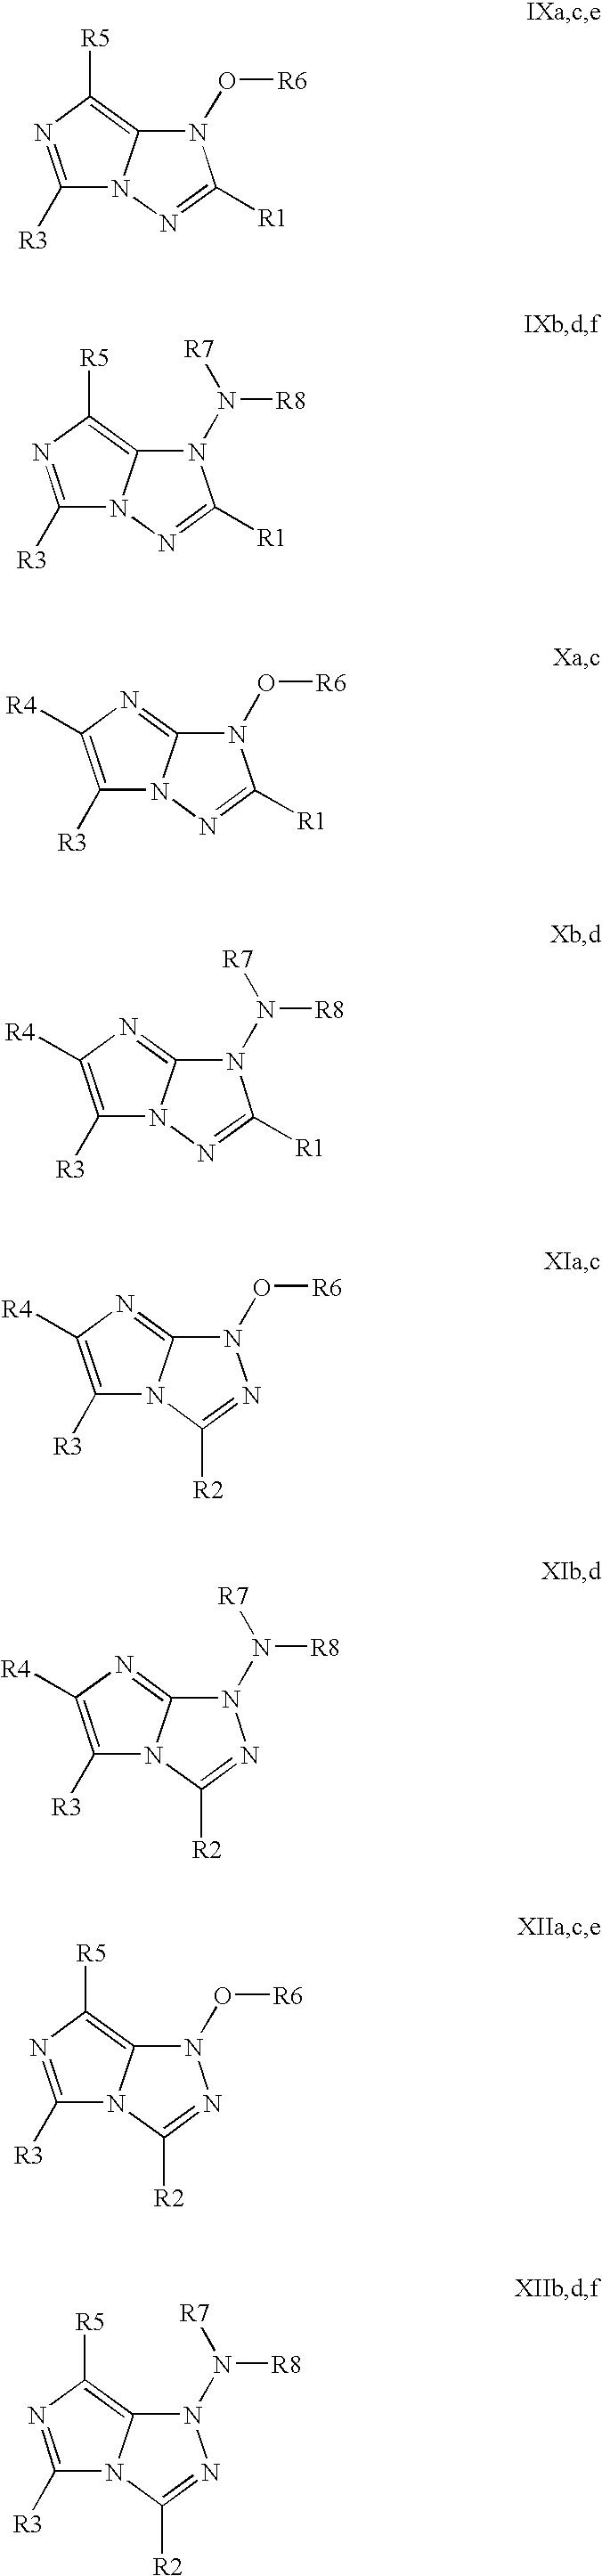 Figure US07288123-20071030-C00004